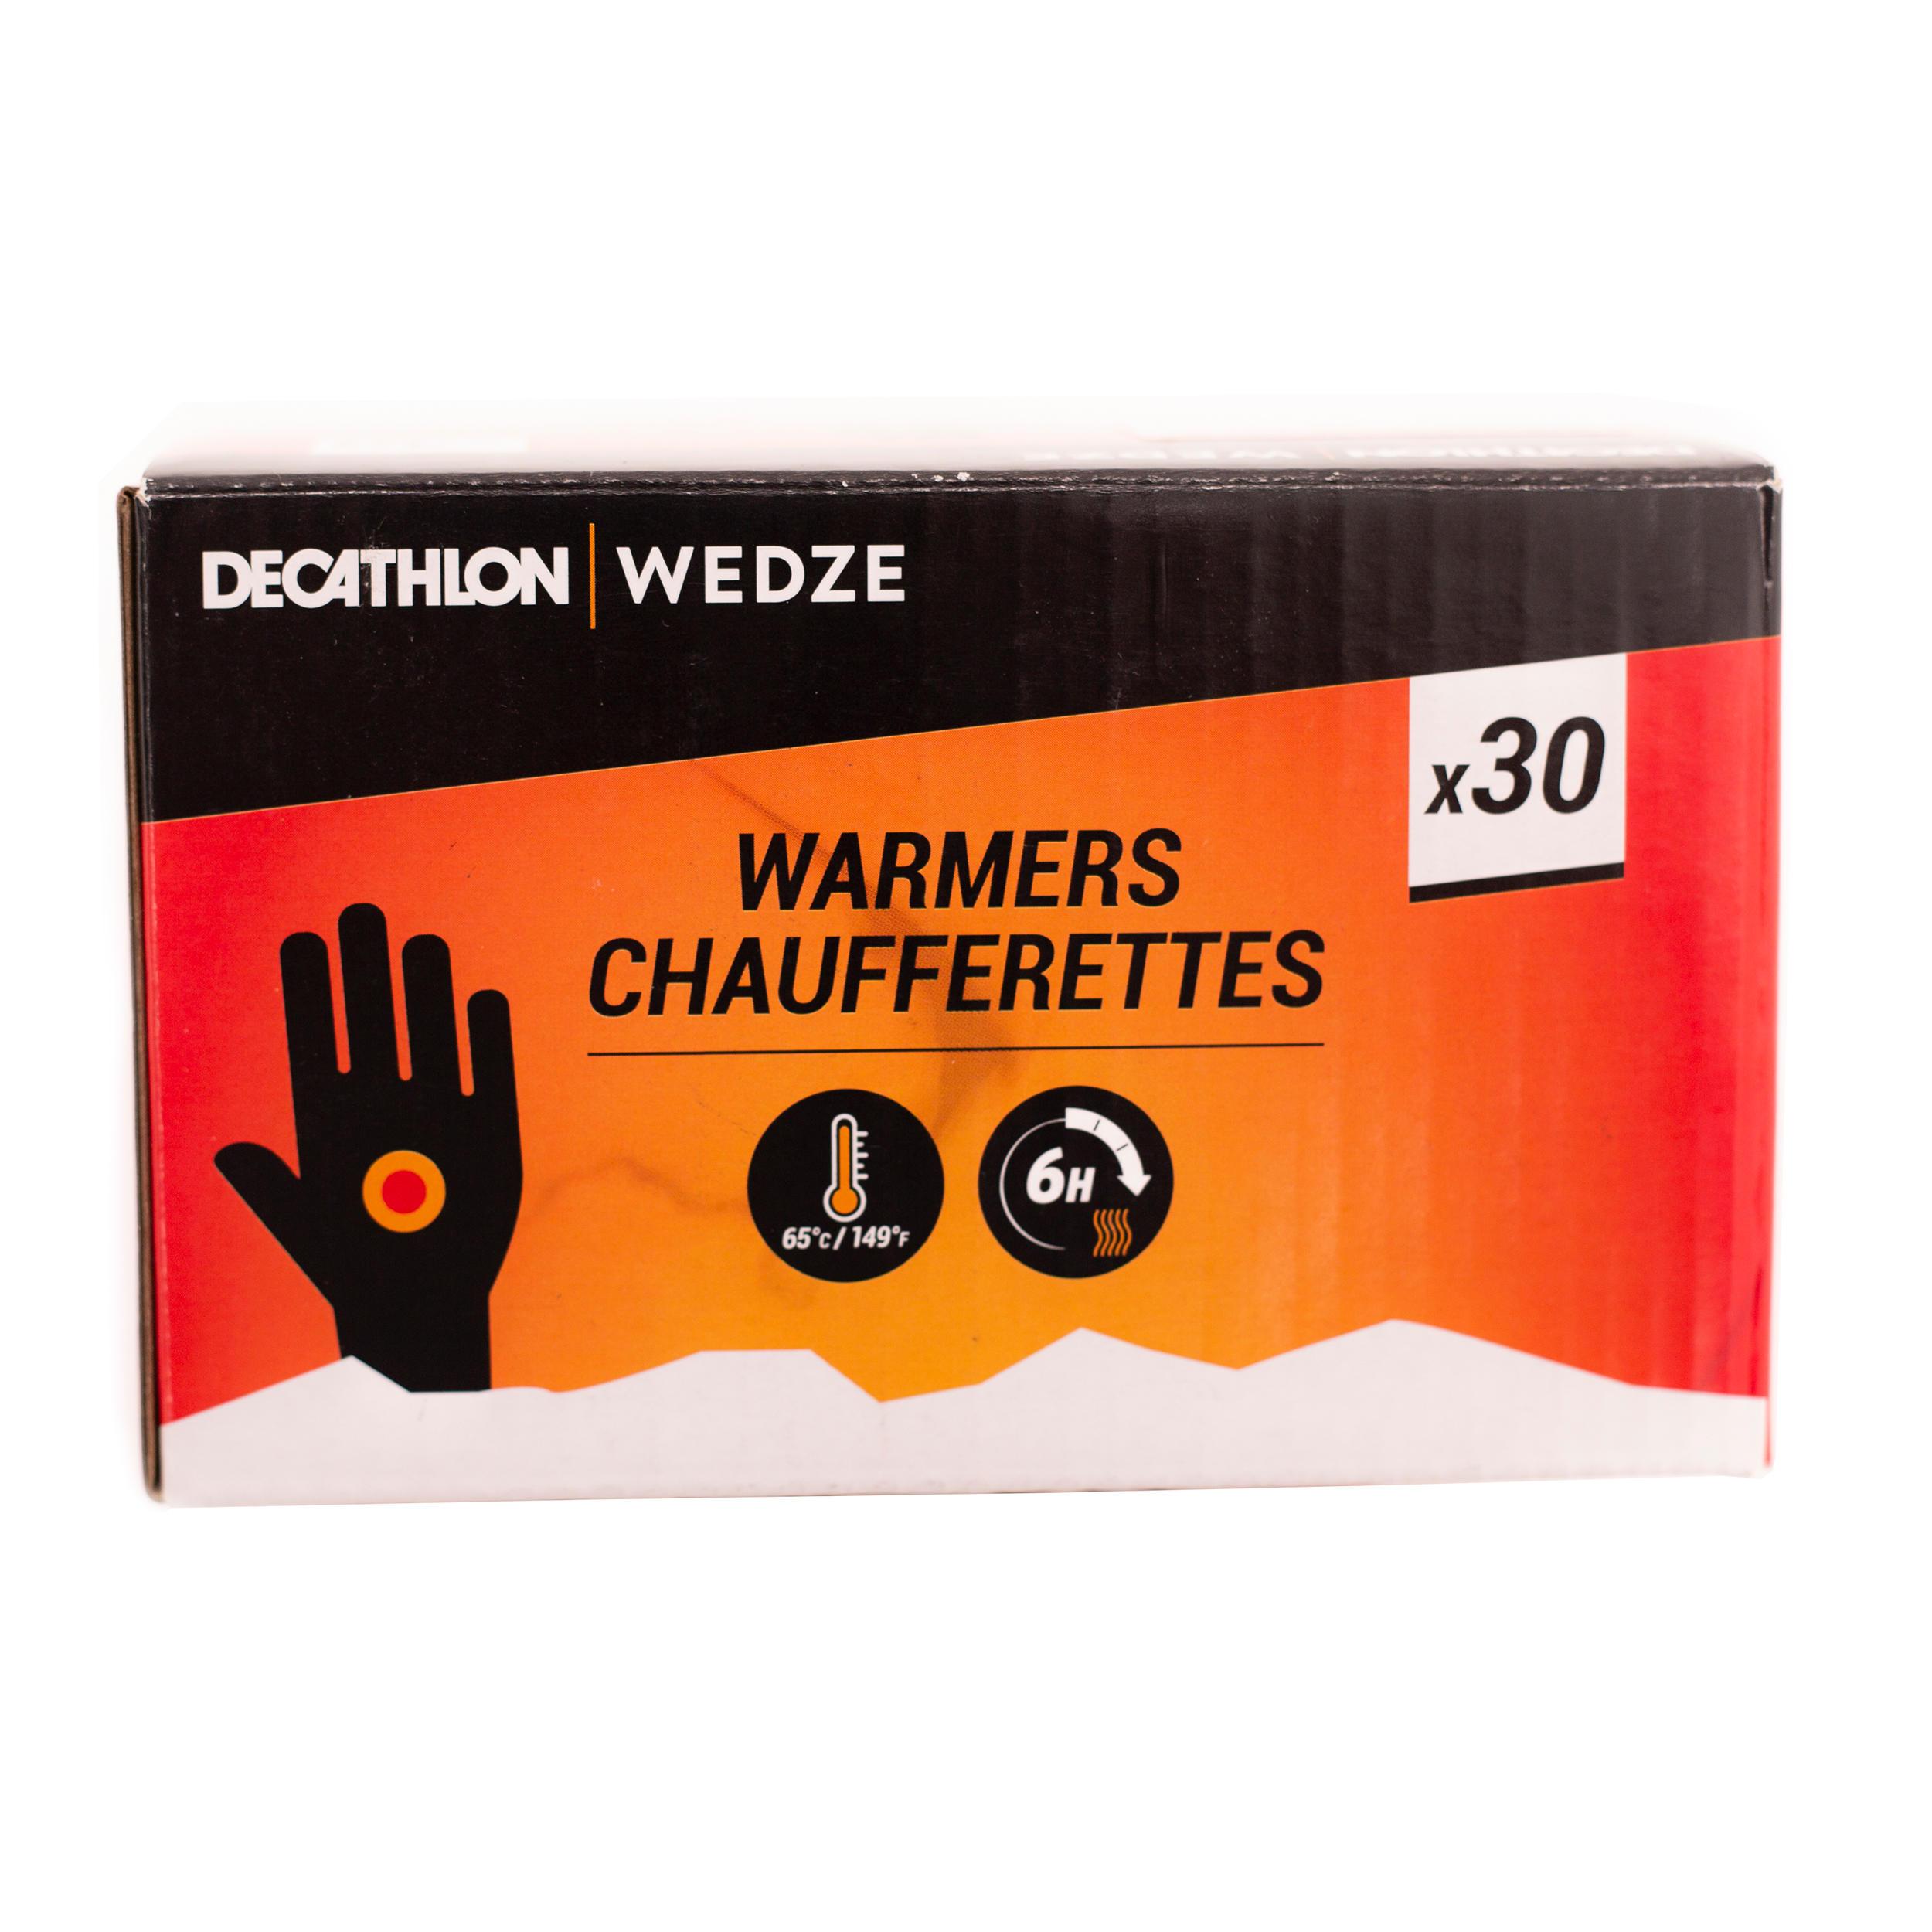 Chaufferettes Mains X30